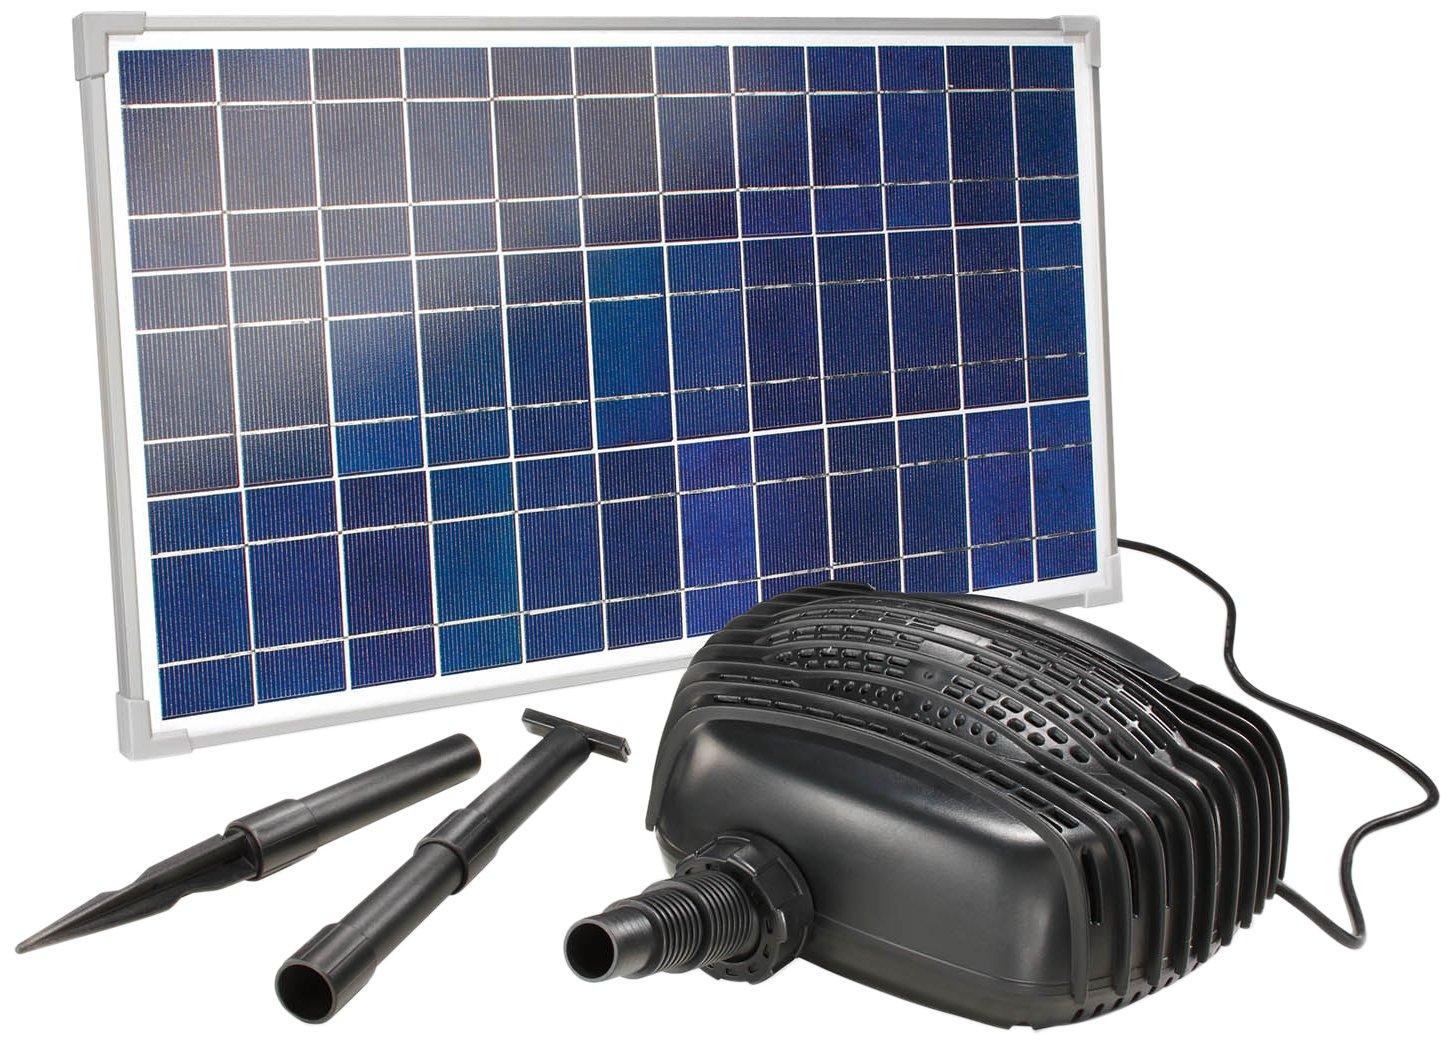 Esotec 101762 Solar Bachlaufsystem Garda  GartenKundenbewertung und weitere Informationen